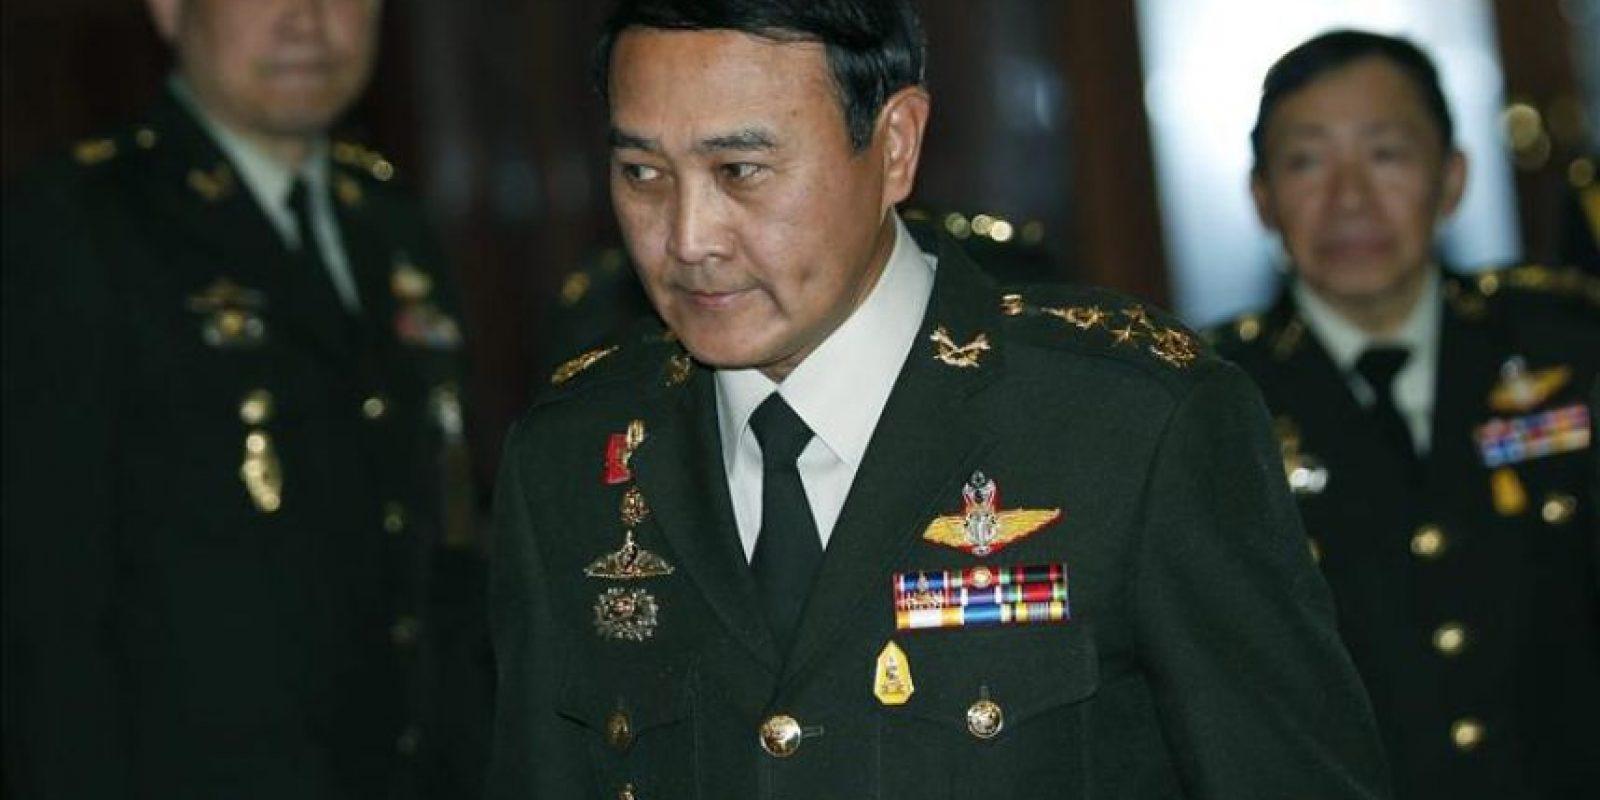 El recién nombrado jefe de la Armada Udomdej Sitabutr tras la ceremonia de toma de posesión en Bangkok, Tailandia, el martes 30 de septiembre de 2014. EFE